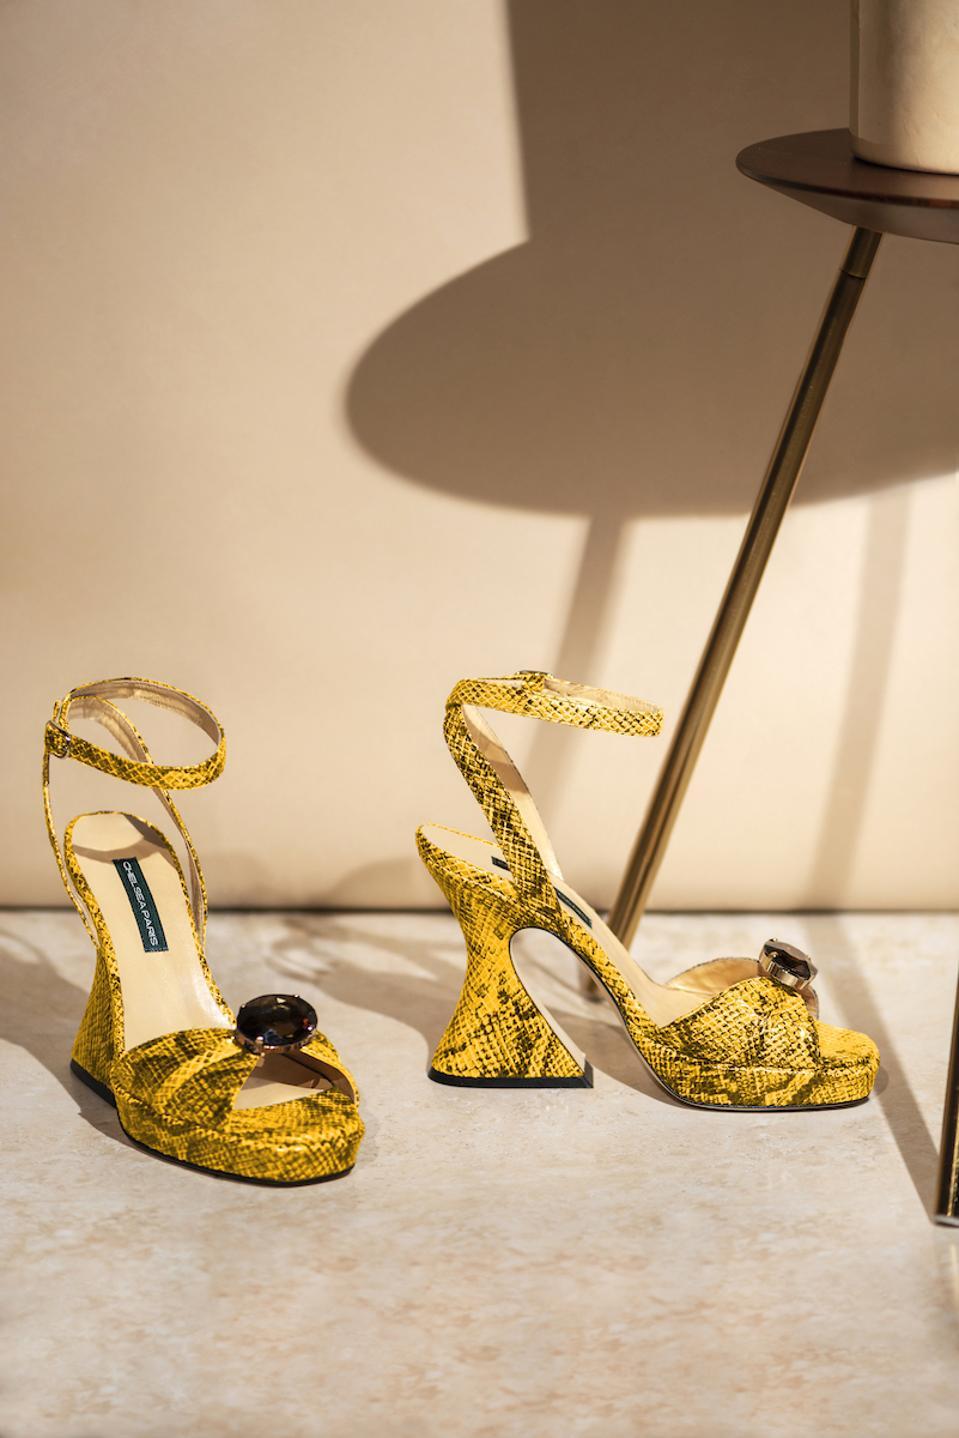 Chelsea Paris, sustainable footwear